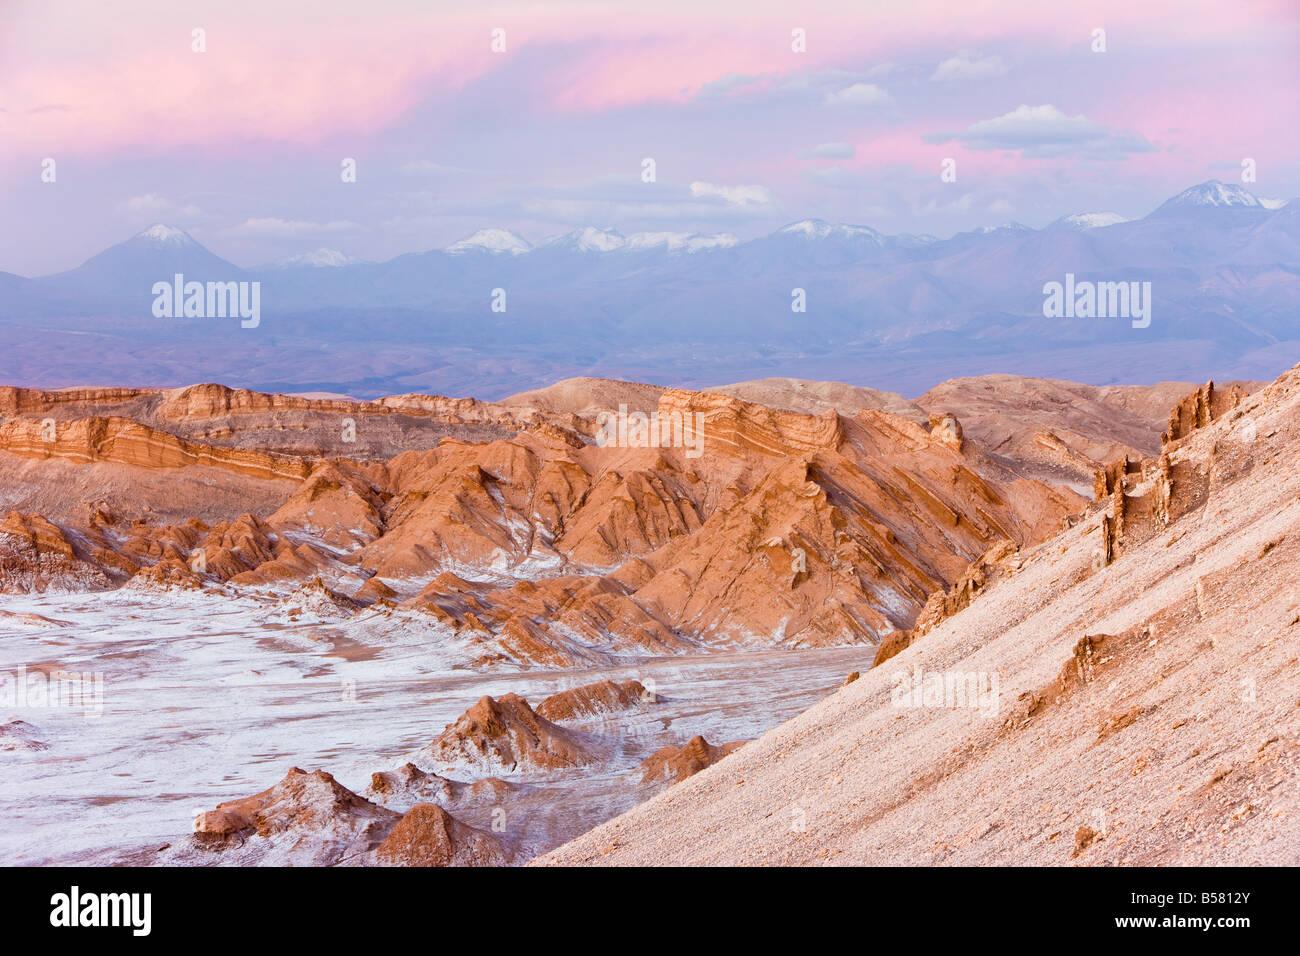 Valle de la Luna (vallée de la lune), Désert d'Atacama, Norte Grande, Chili, Amérique du Sud Photo Stock